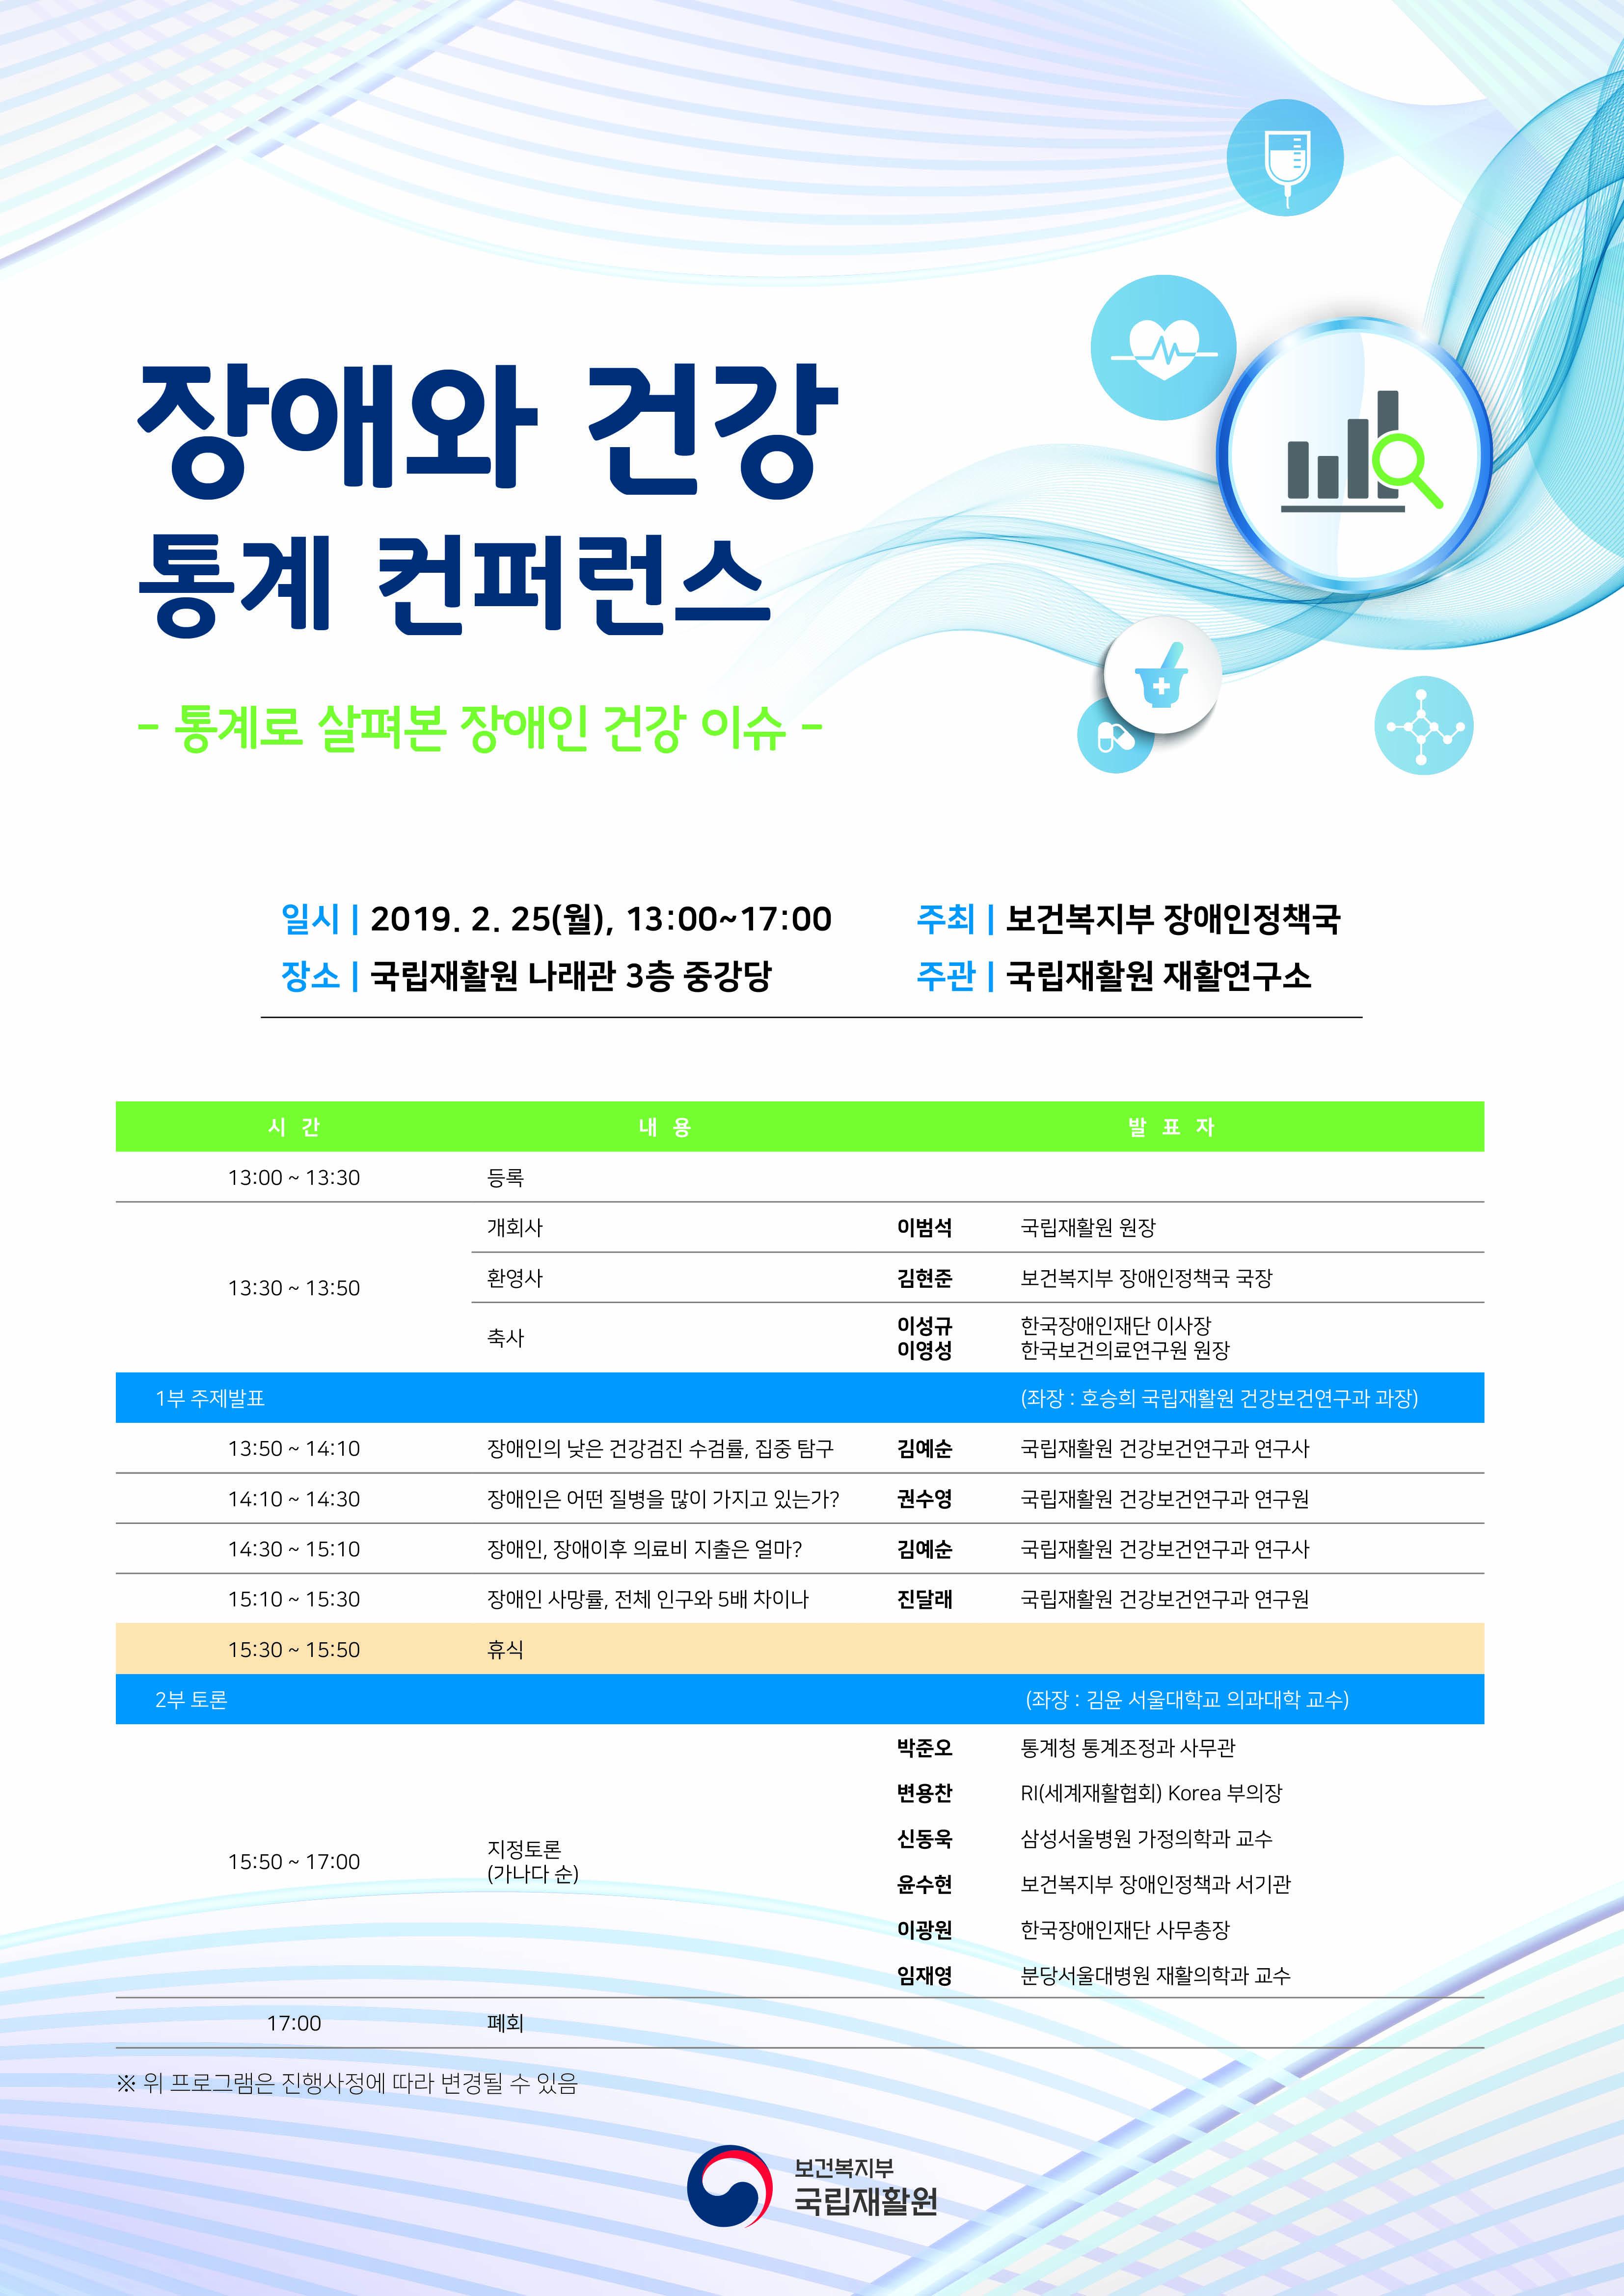 첨부1_국립재활원_장애와 건강통계 컨퍼런스 개최_포스터.jpg